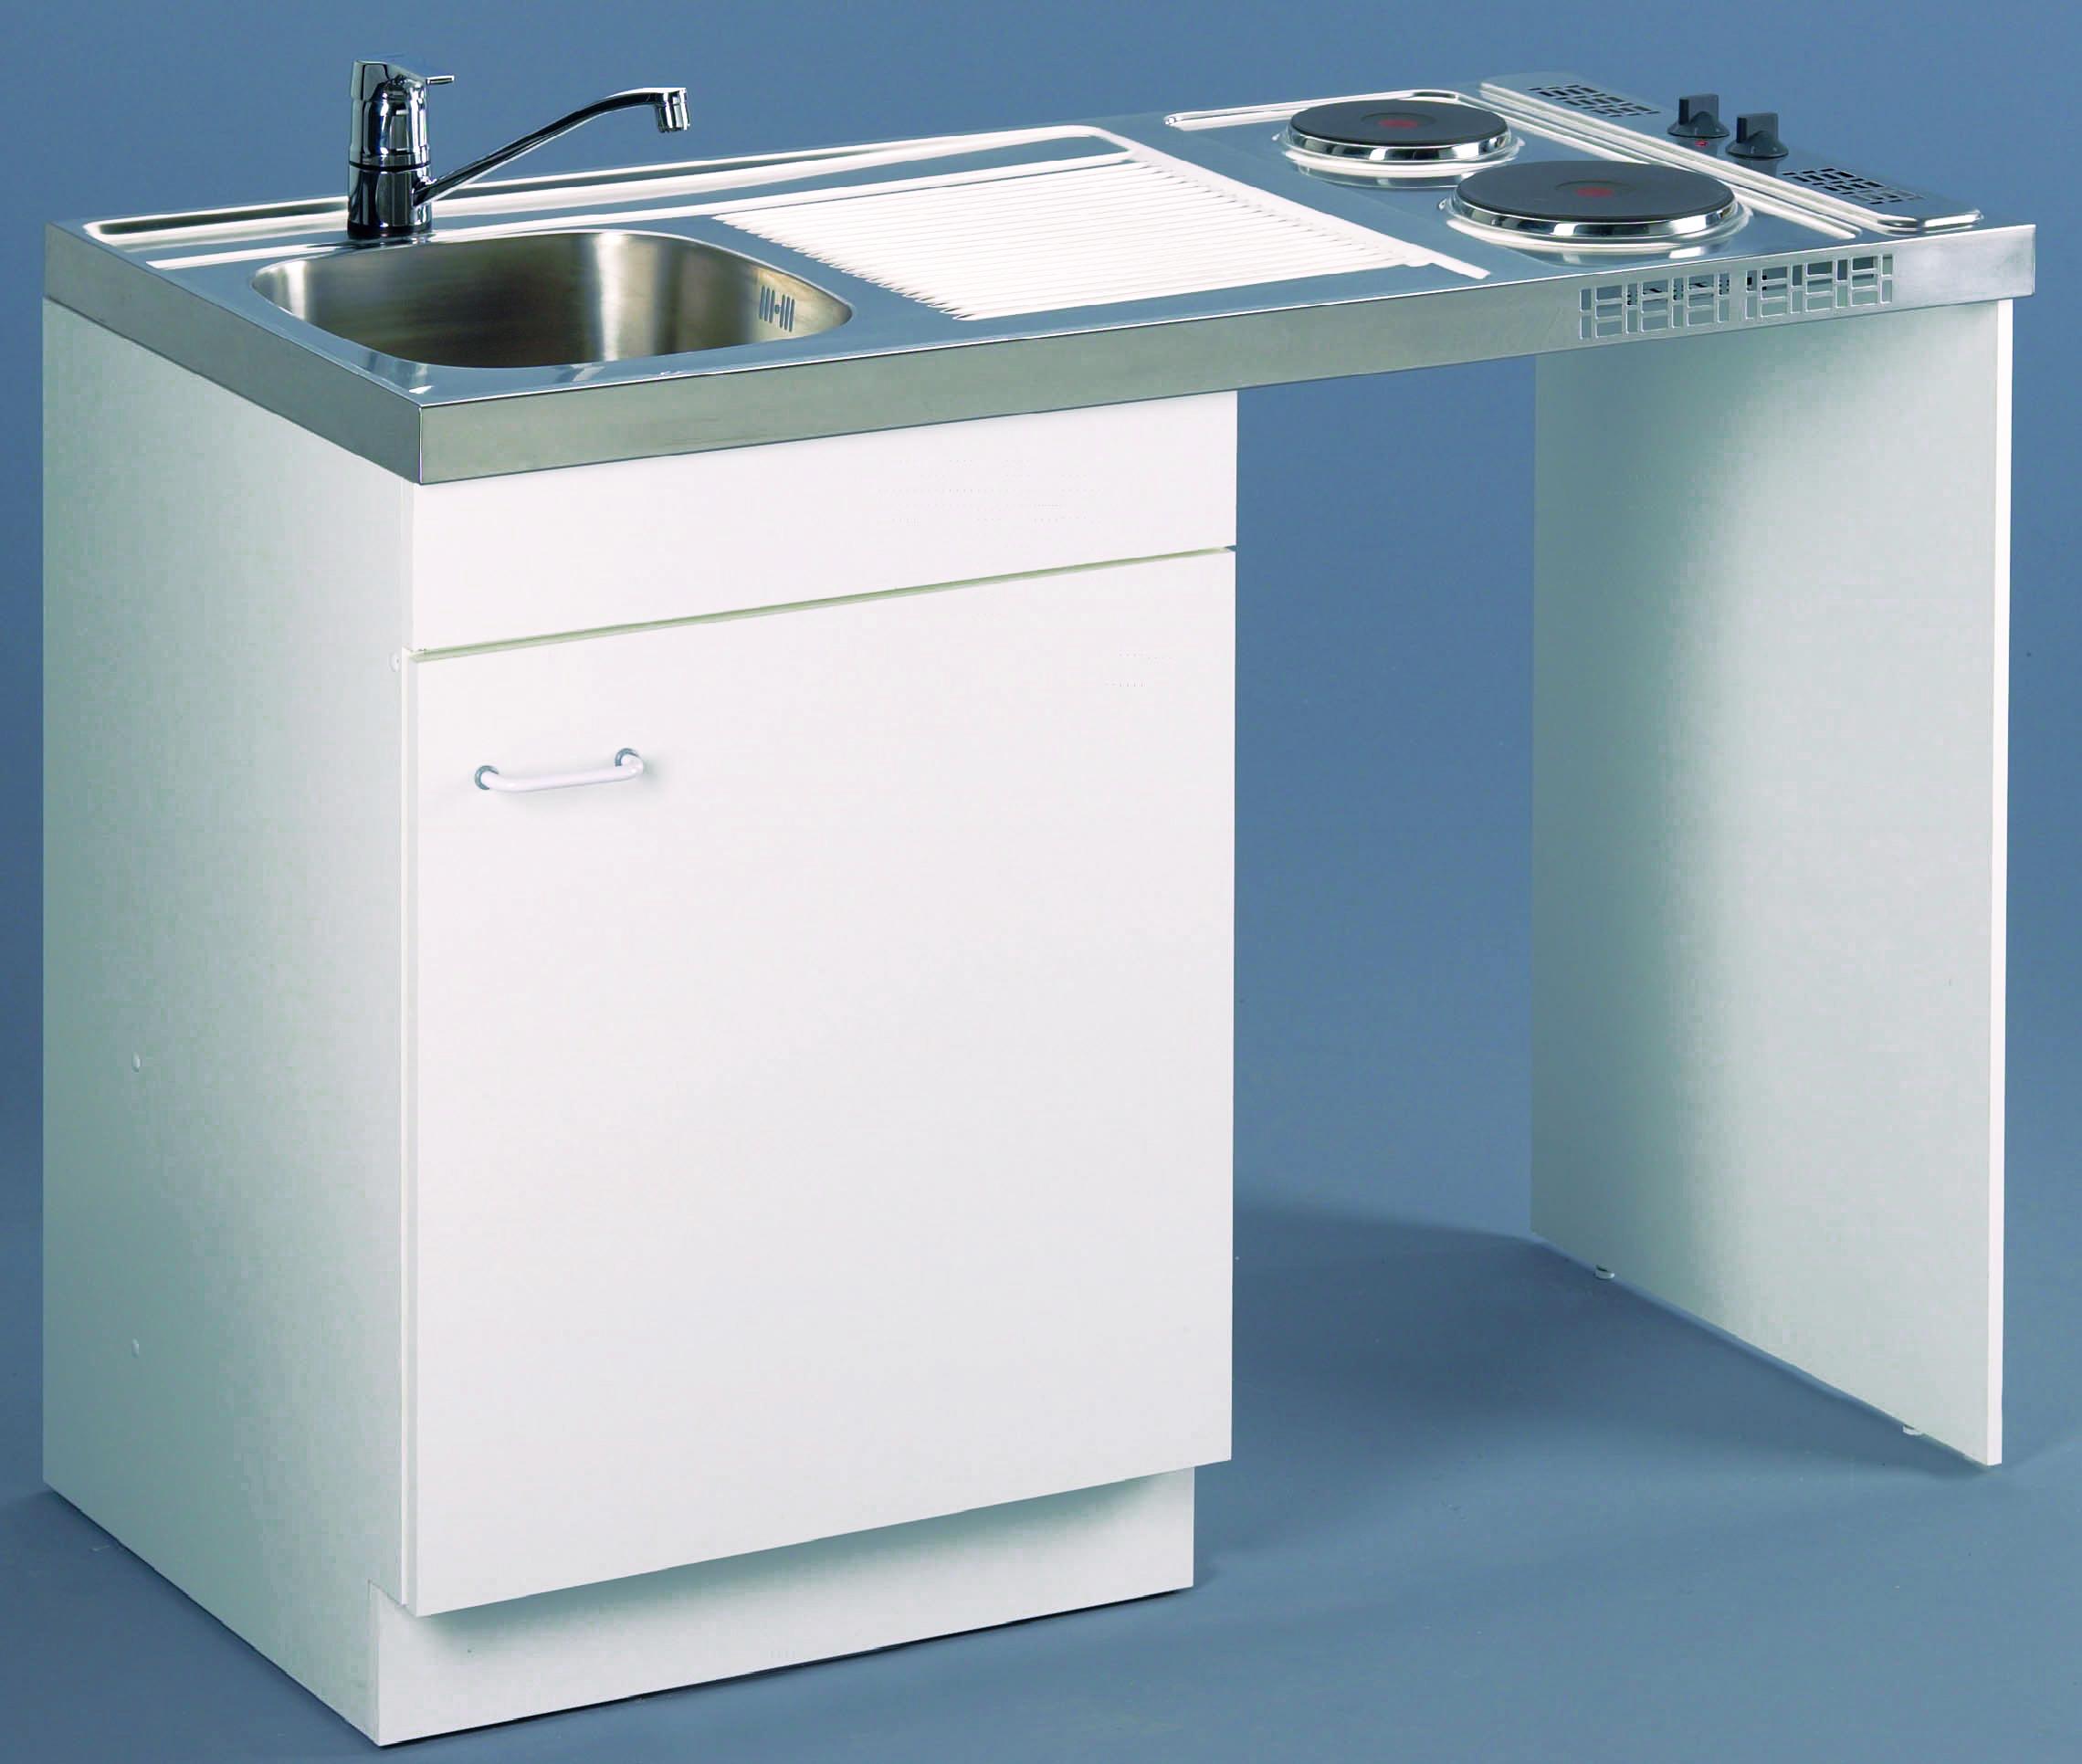 Meuble de cuisine sous vier lave vaisselle aquarine for Meuble cuisine hauteur 100 cm